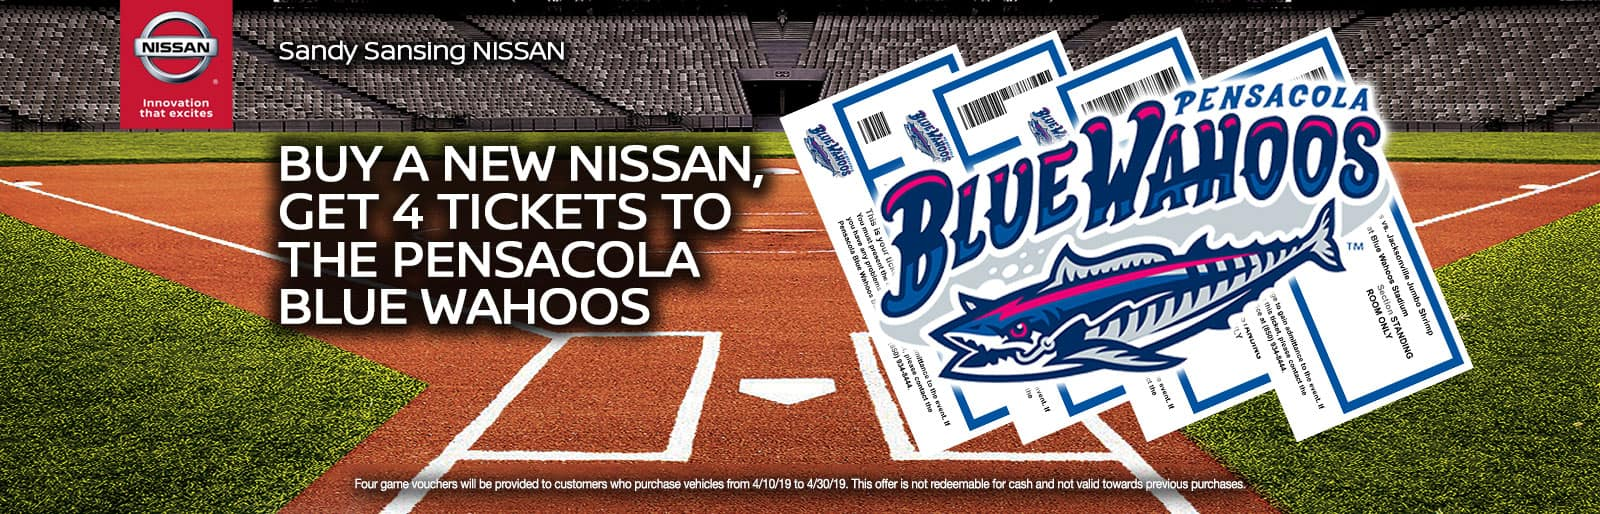 Sandy Sansing Nissan Pensacola FL Pensacola Blue Wahoos